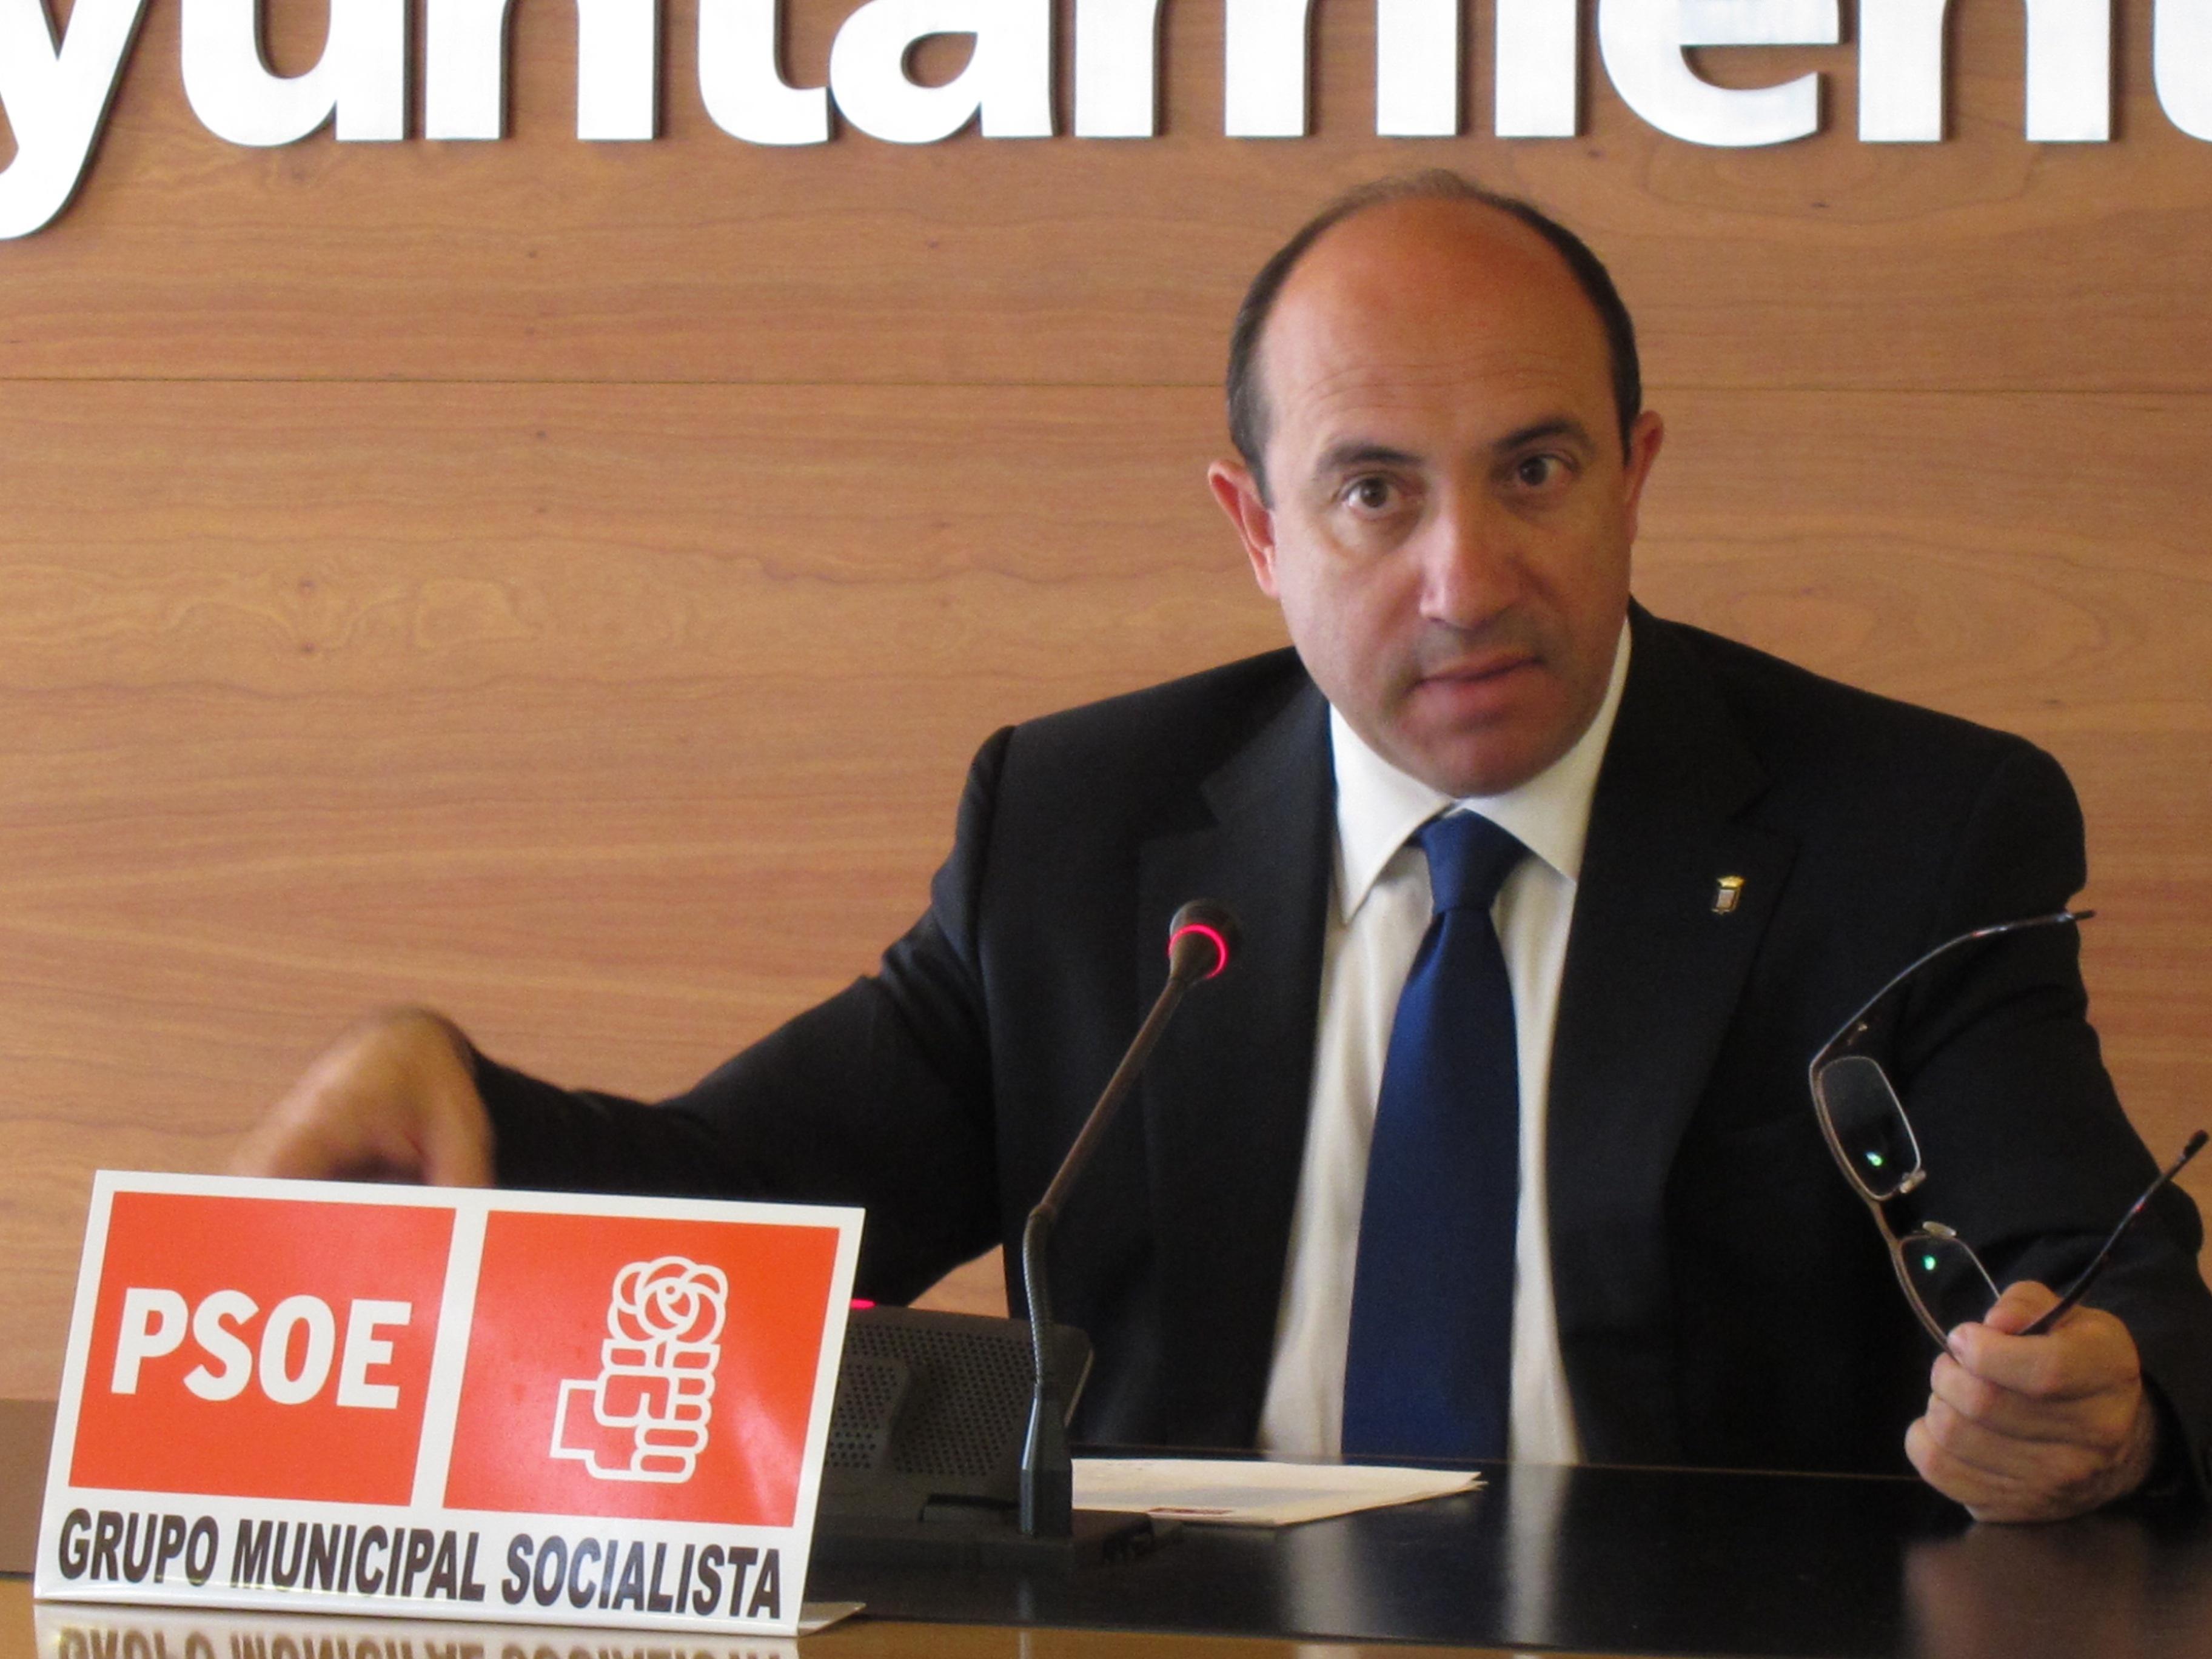 El PSOE plantea mantener la bonificación del IBI a comercios en 2014 y 2015 y aumentarla del 20% al 40%